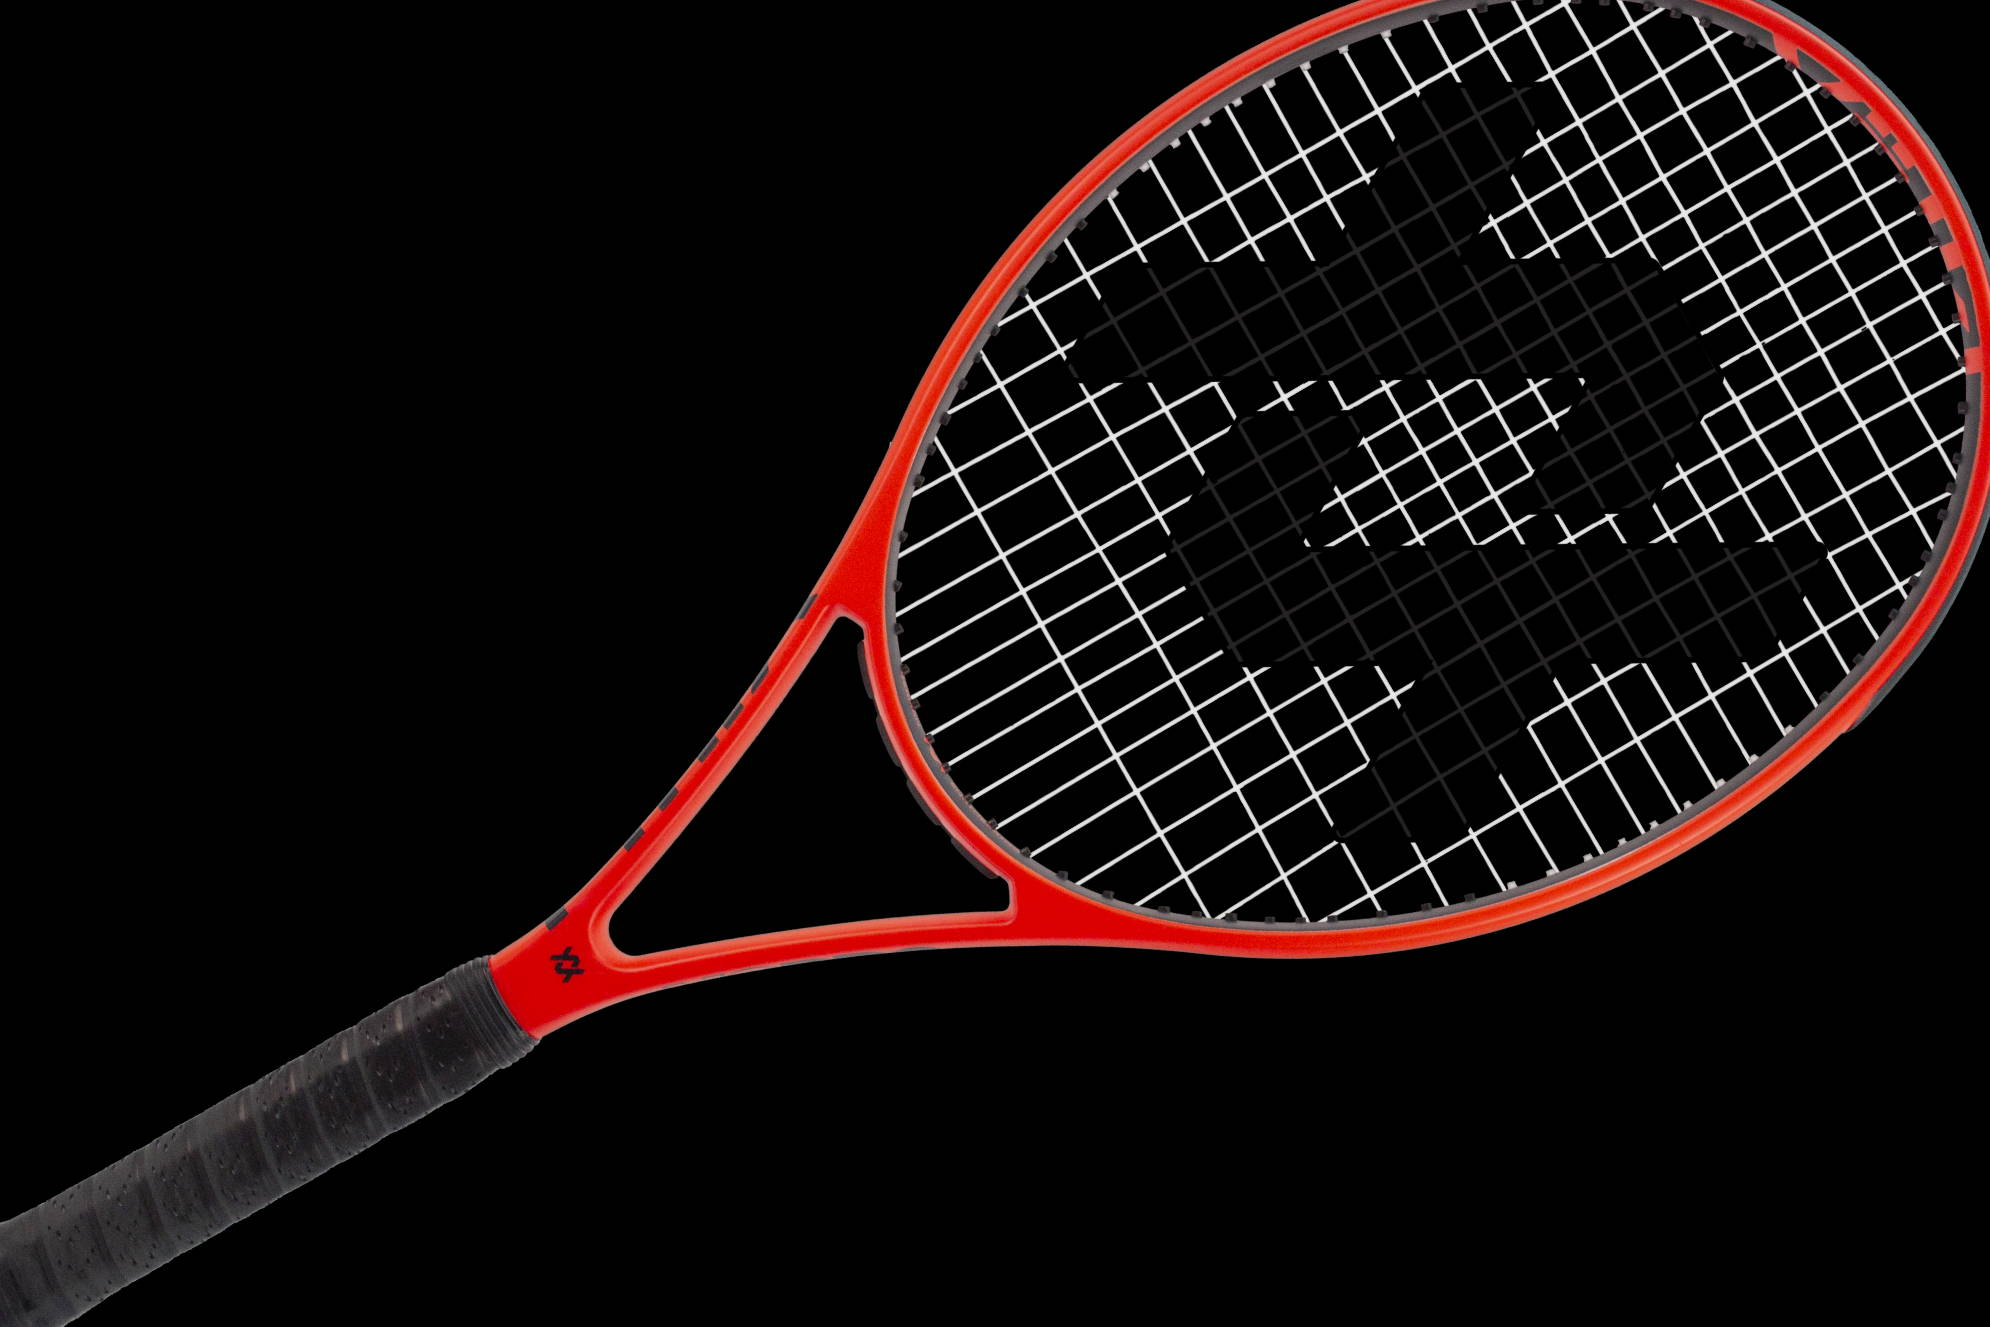 Volkl V8 Pro racquet